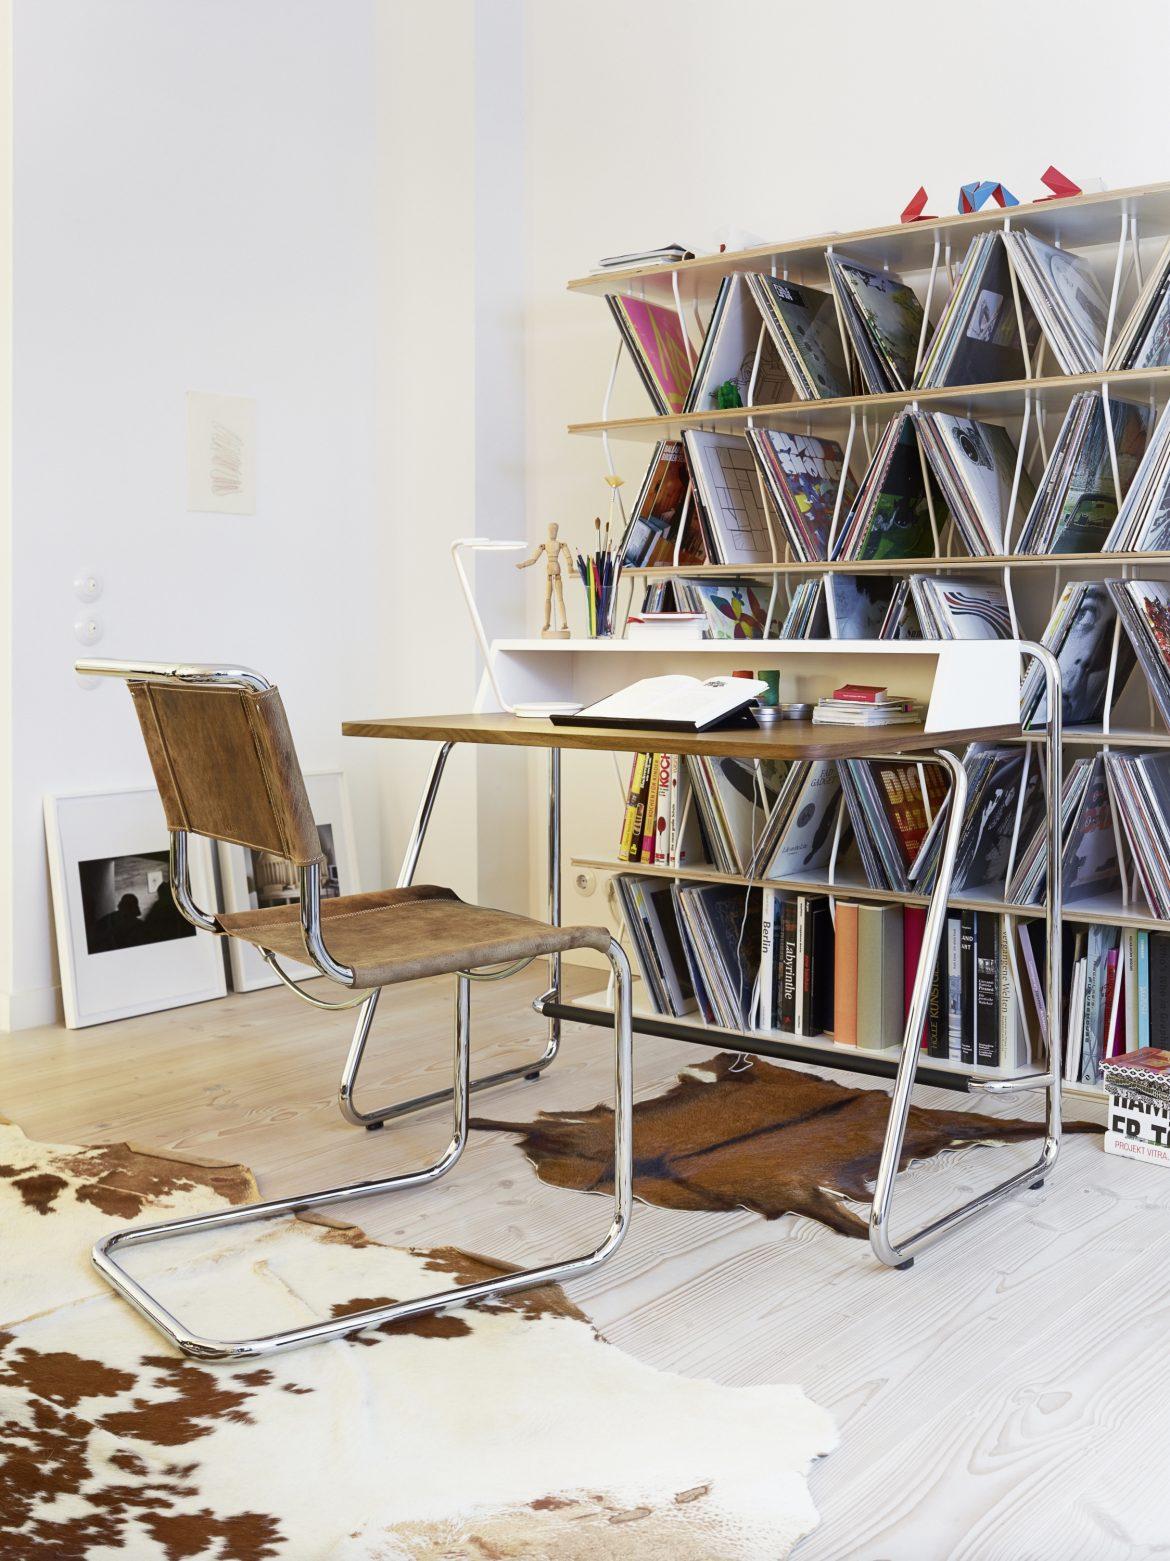 Werkruimte in de moderne woonstijl.